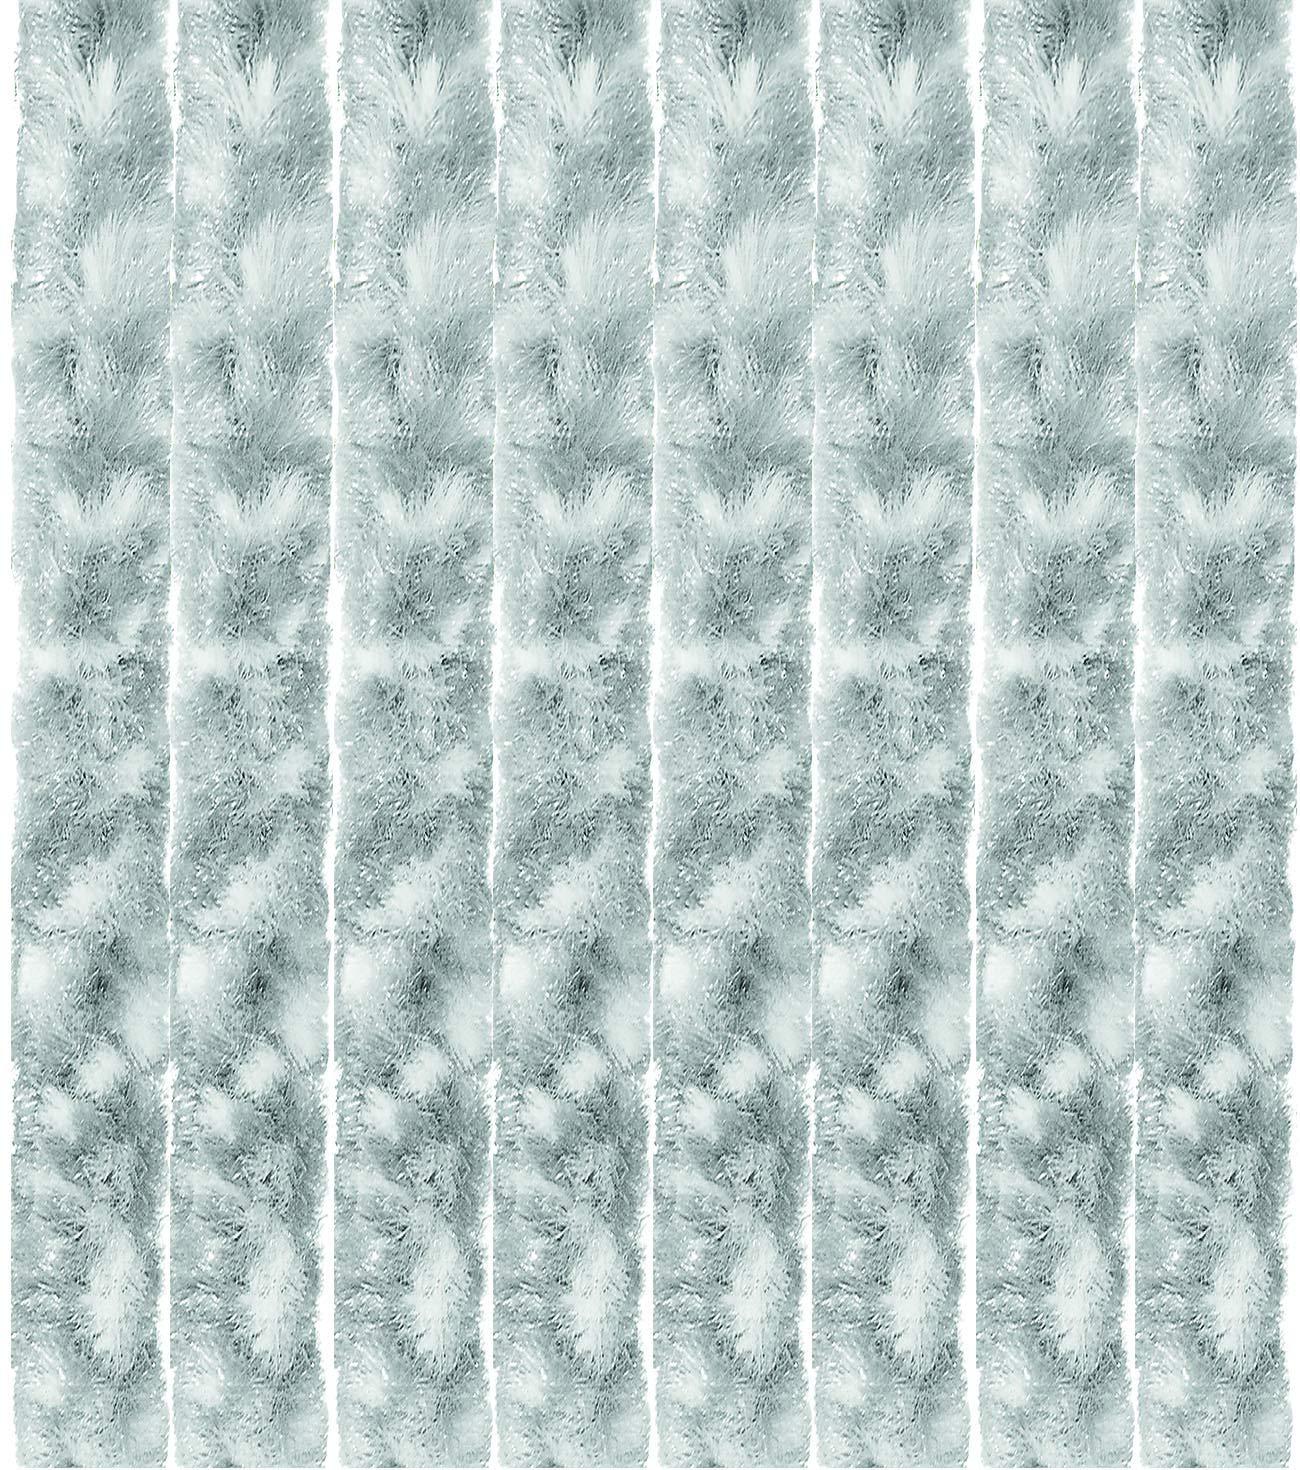 Arsvita Flausch-Vorhang, viele Variationen, Größe  140x200 cm, Farbe  hellgrau-weiß B00XUA9LRK Vorhnge